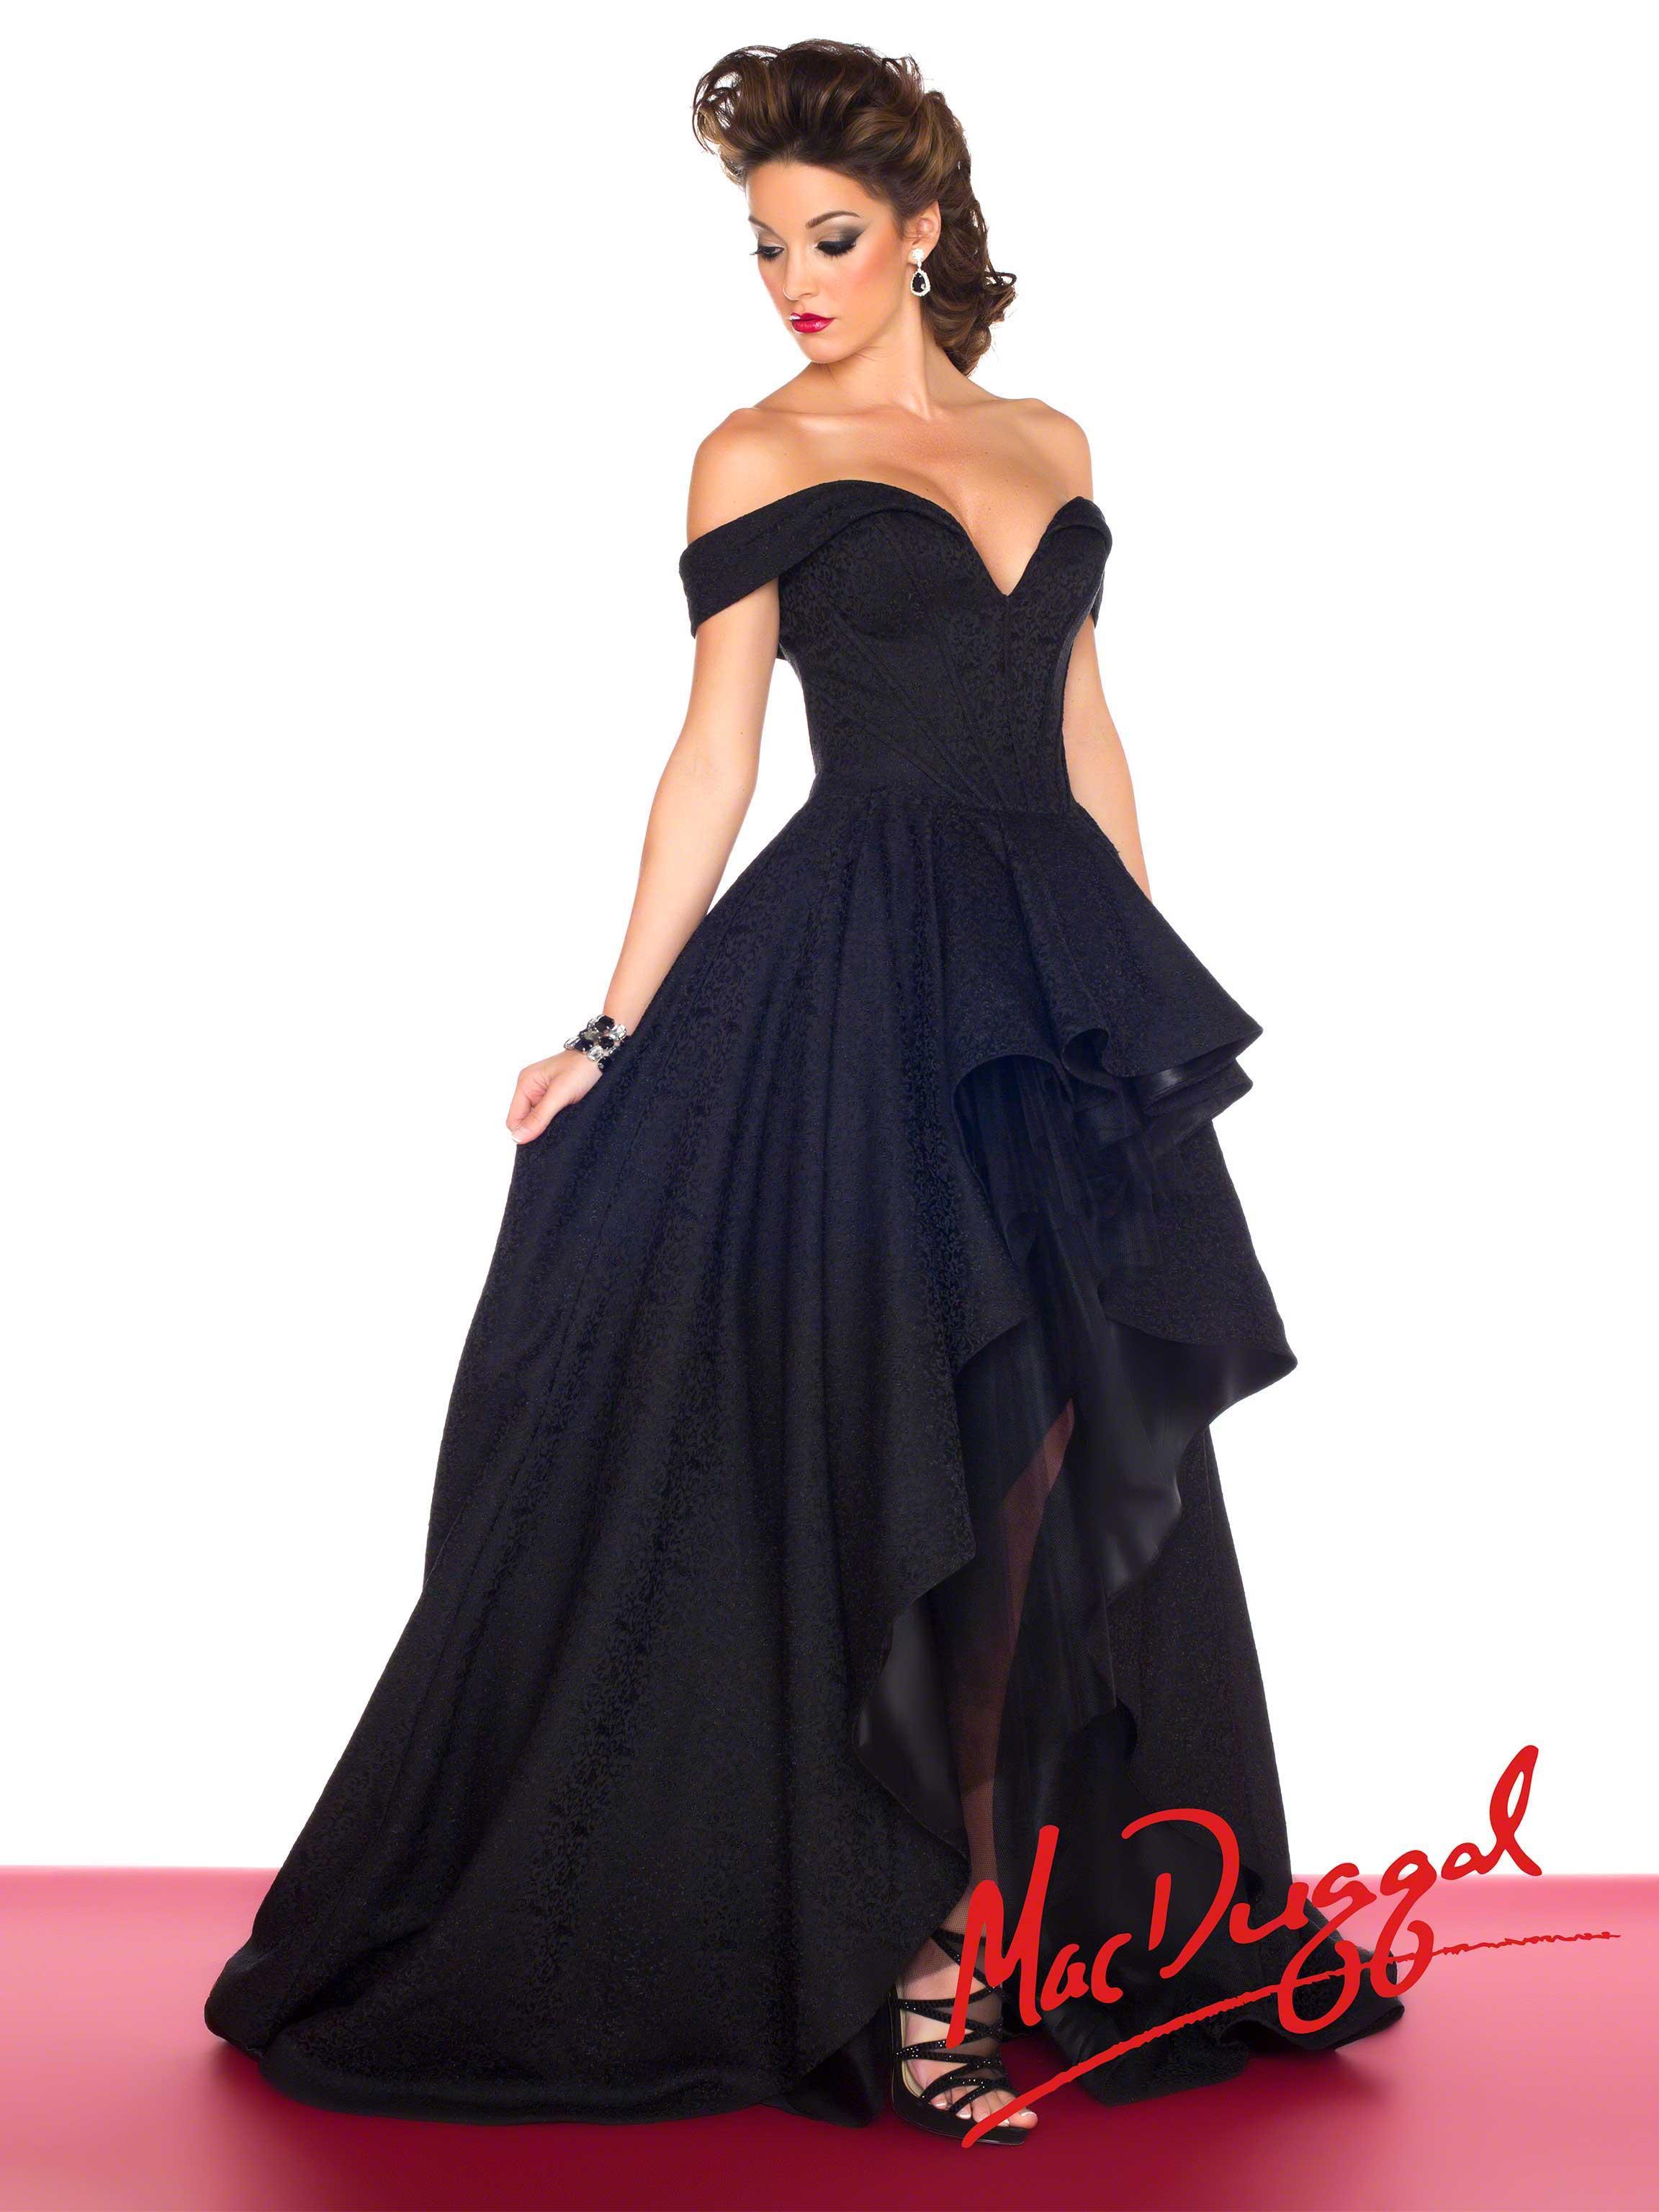 Mac Duggal Style 48134R - Black Prom Dress 709f04bb0